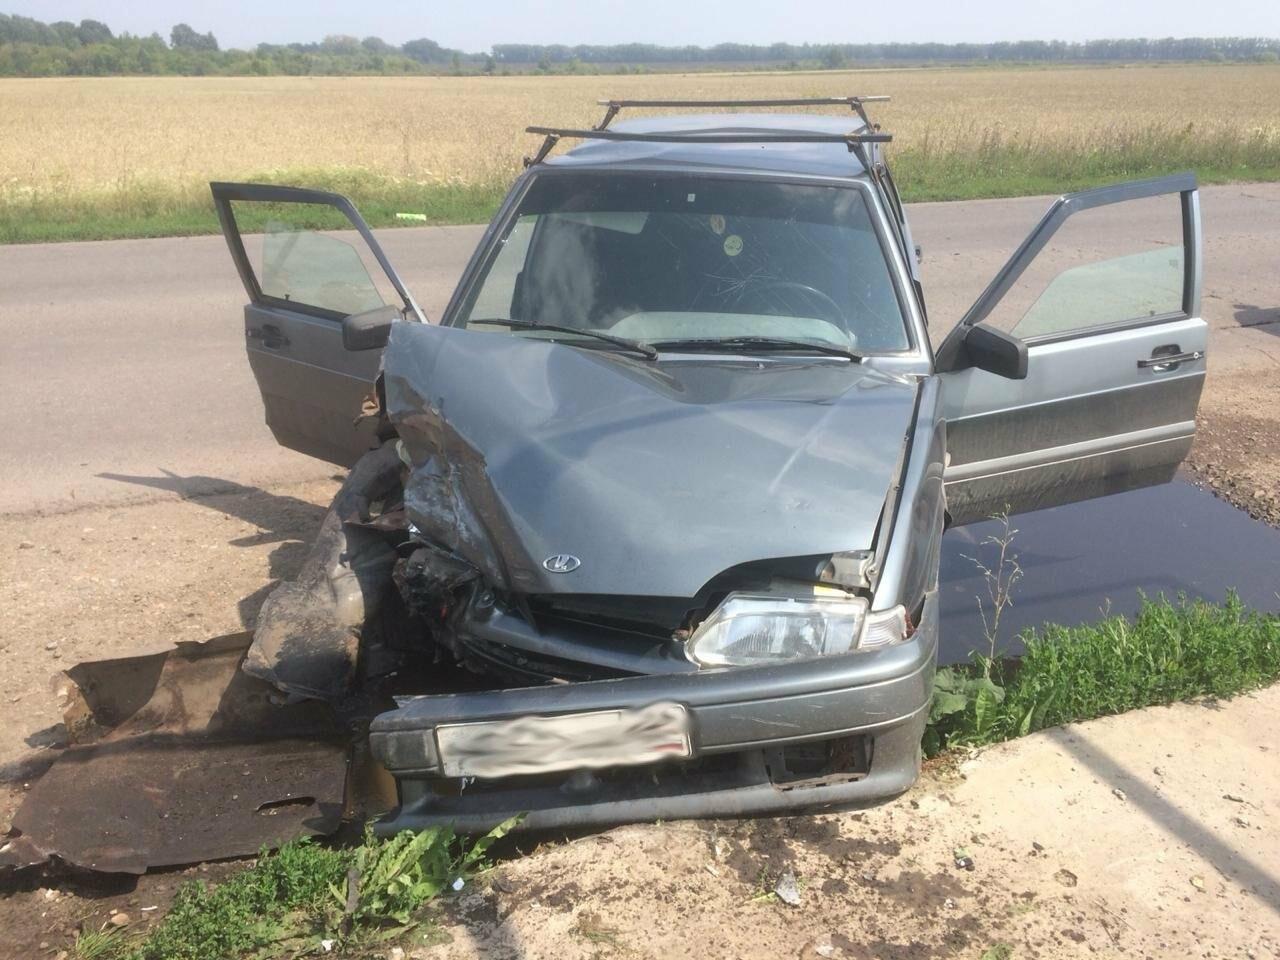 14 человек пострадали в ДТП на дорогах Тамбовской области за выходные, фото-2